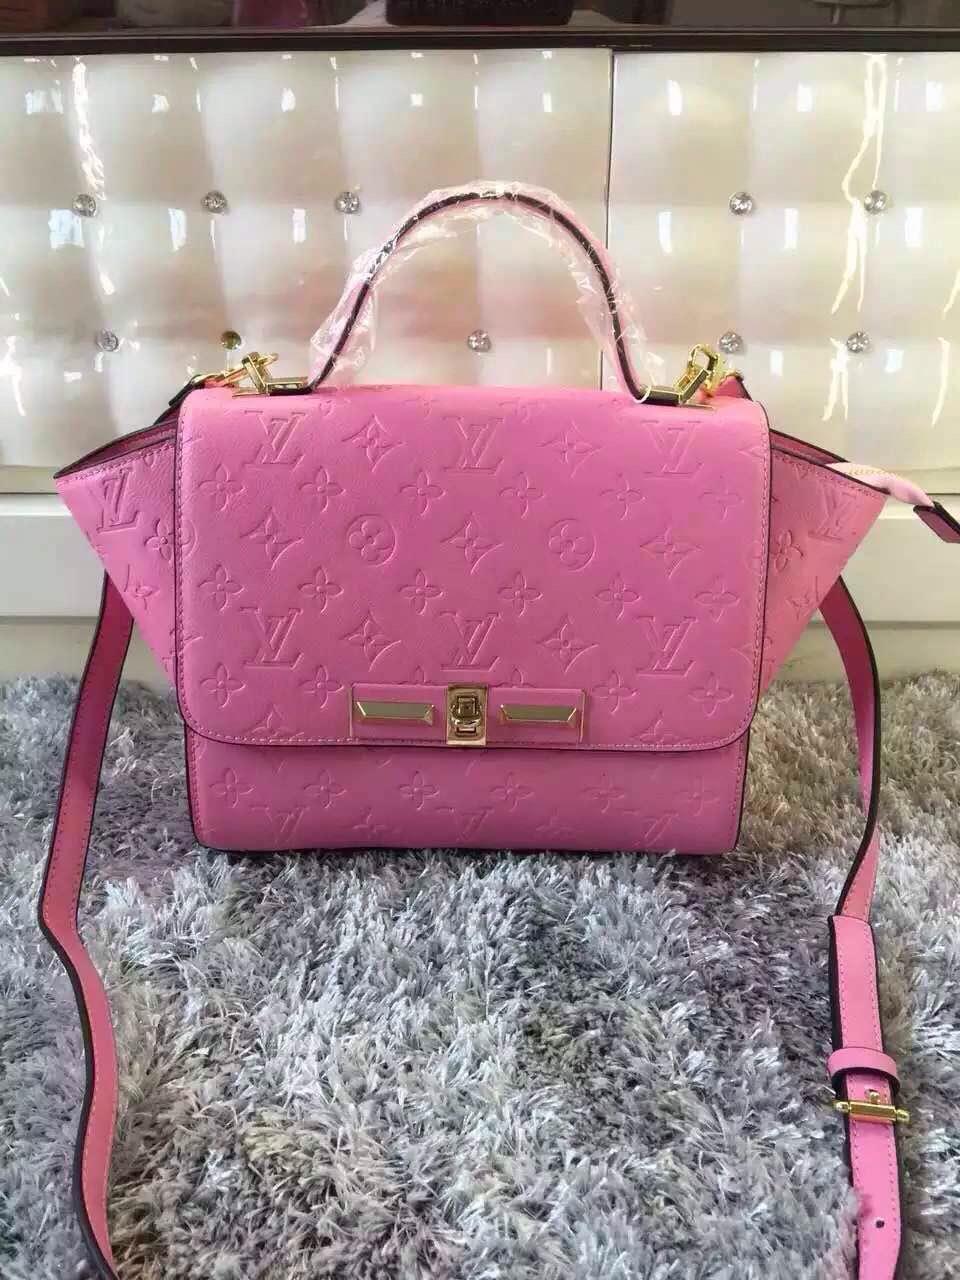 LV handbag 40839 pink